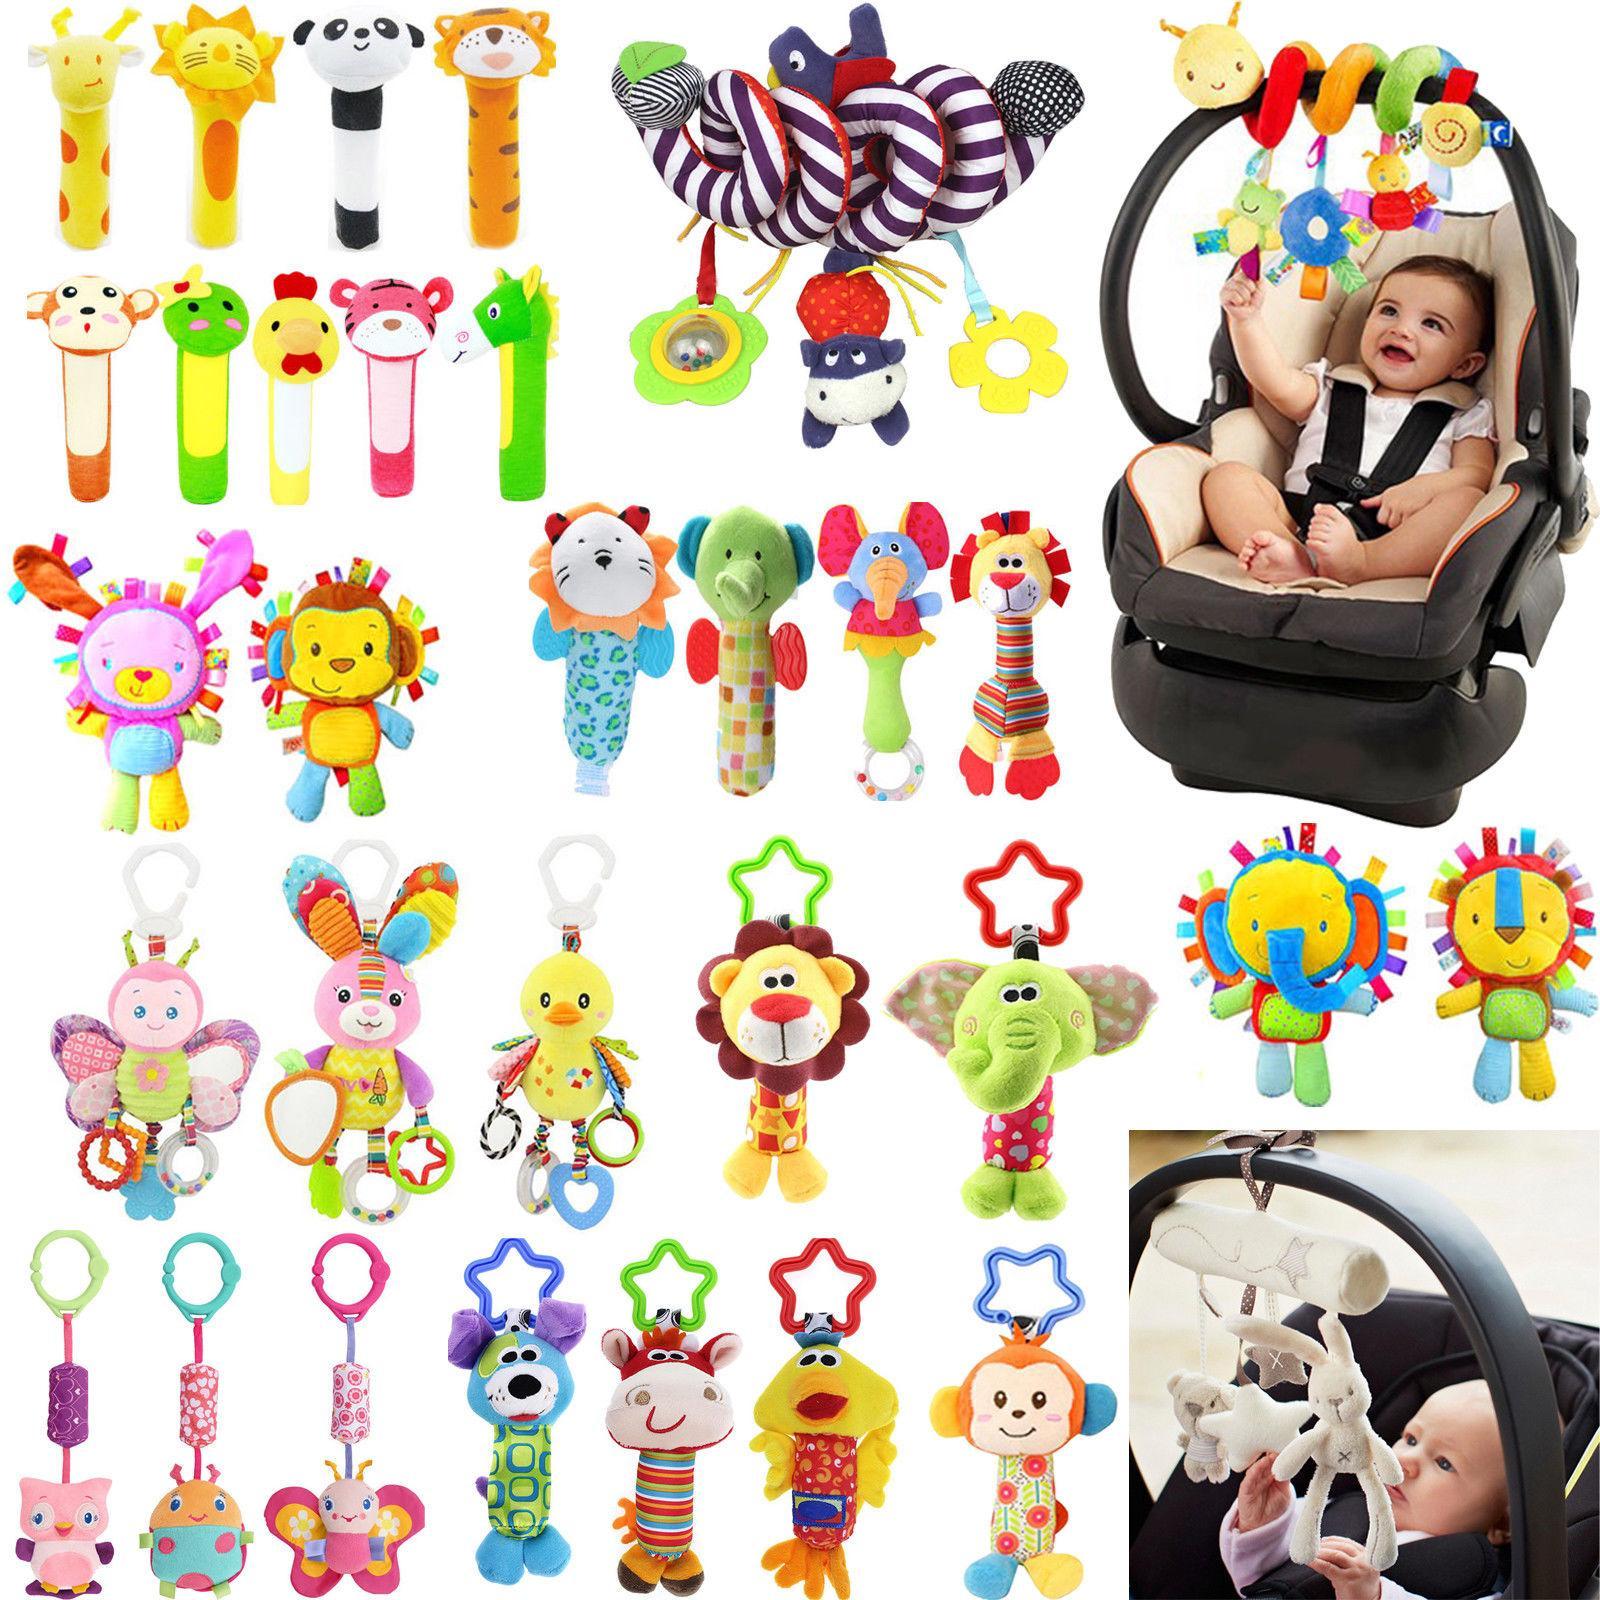 baby infant rattles plush animal stroller hanging